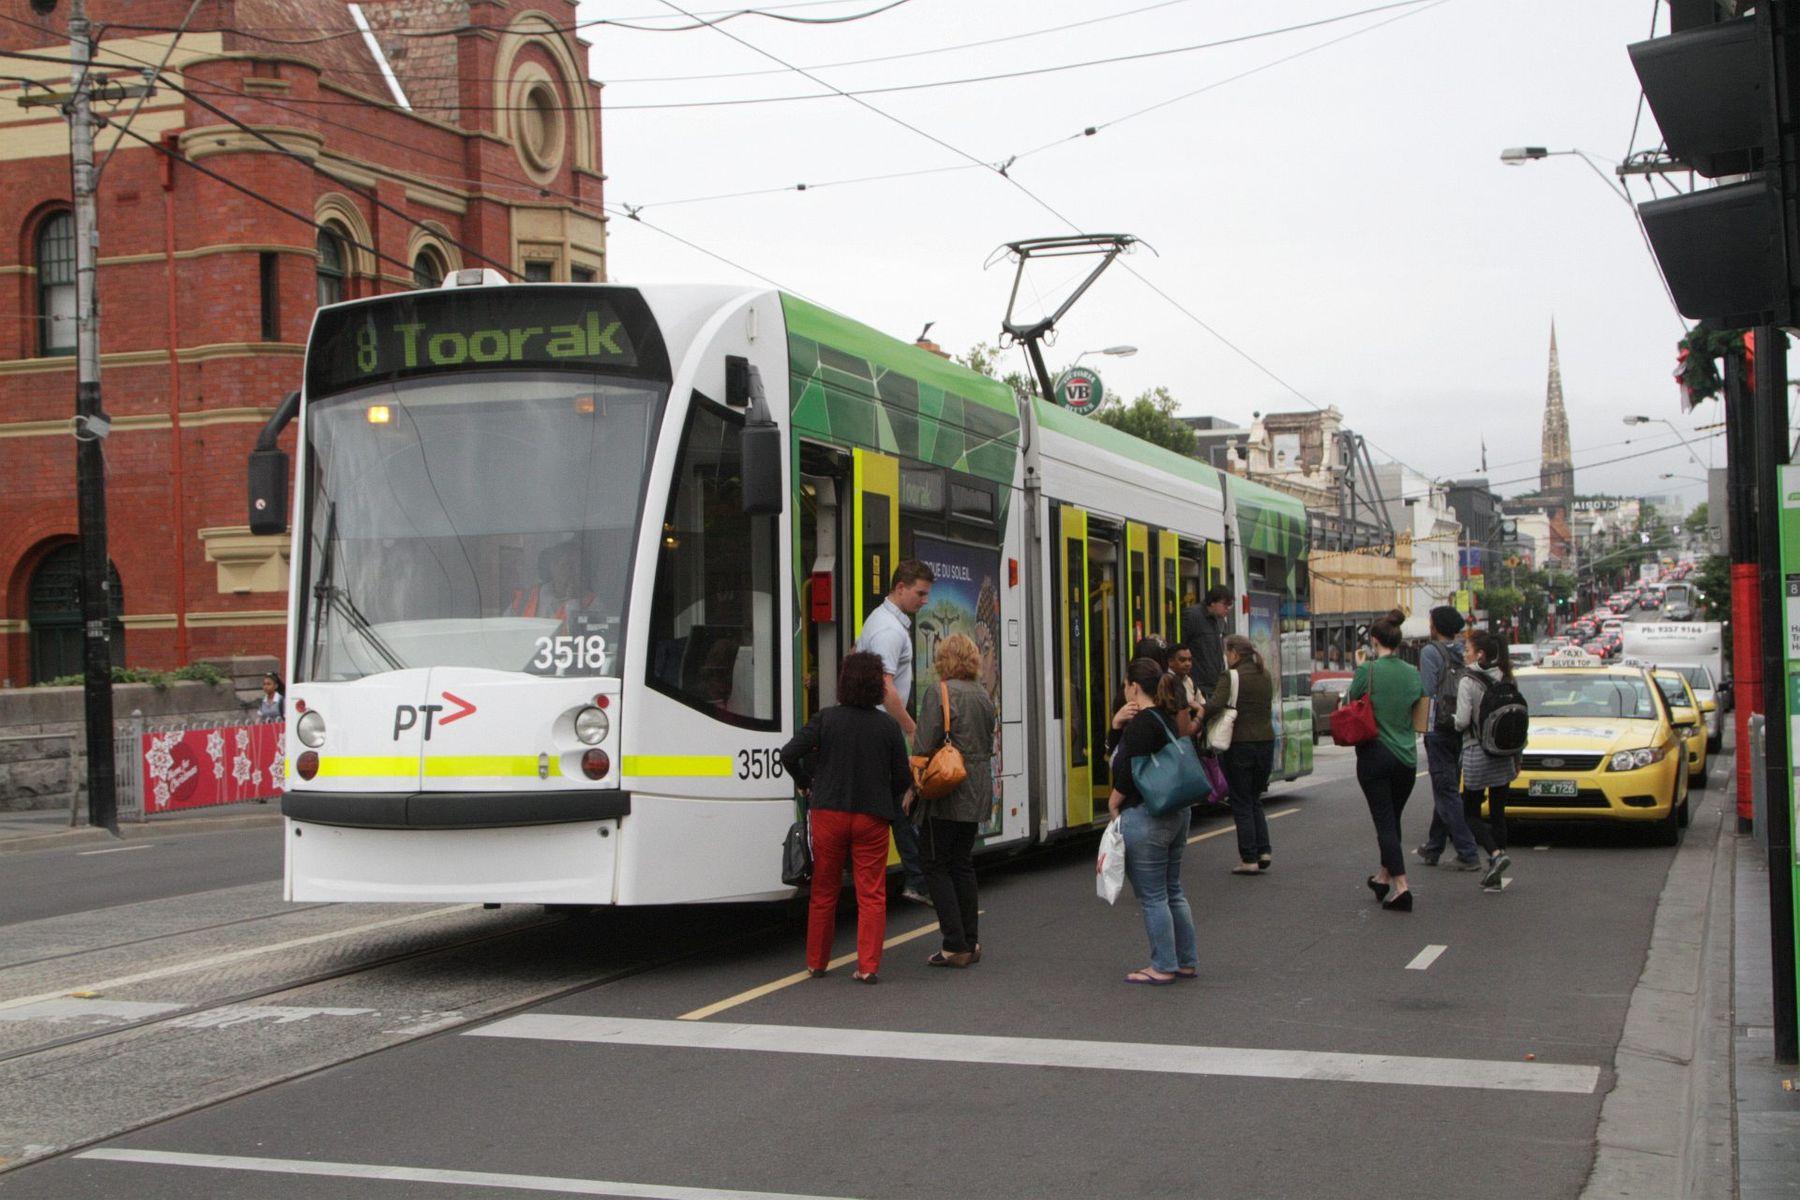 Toorak Rd Number 8 tram